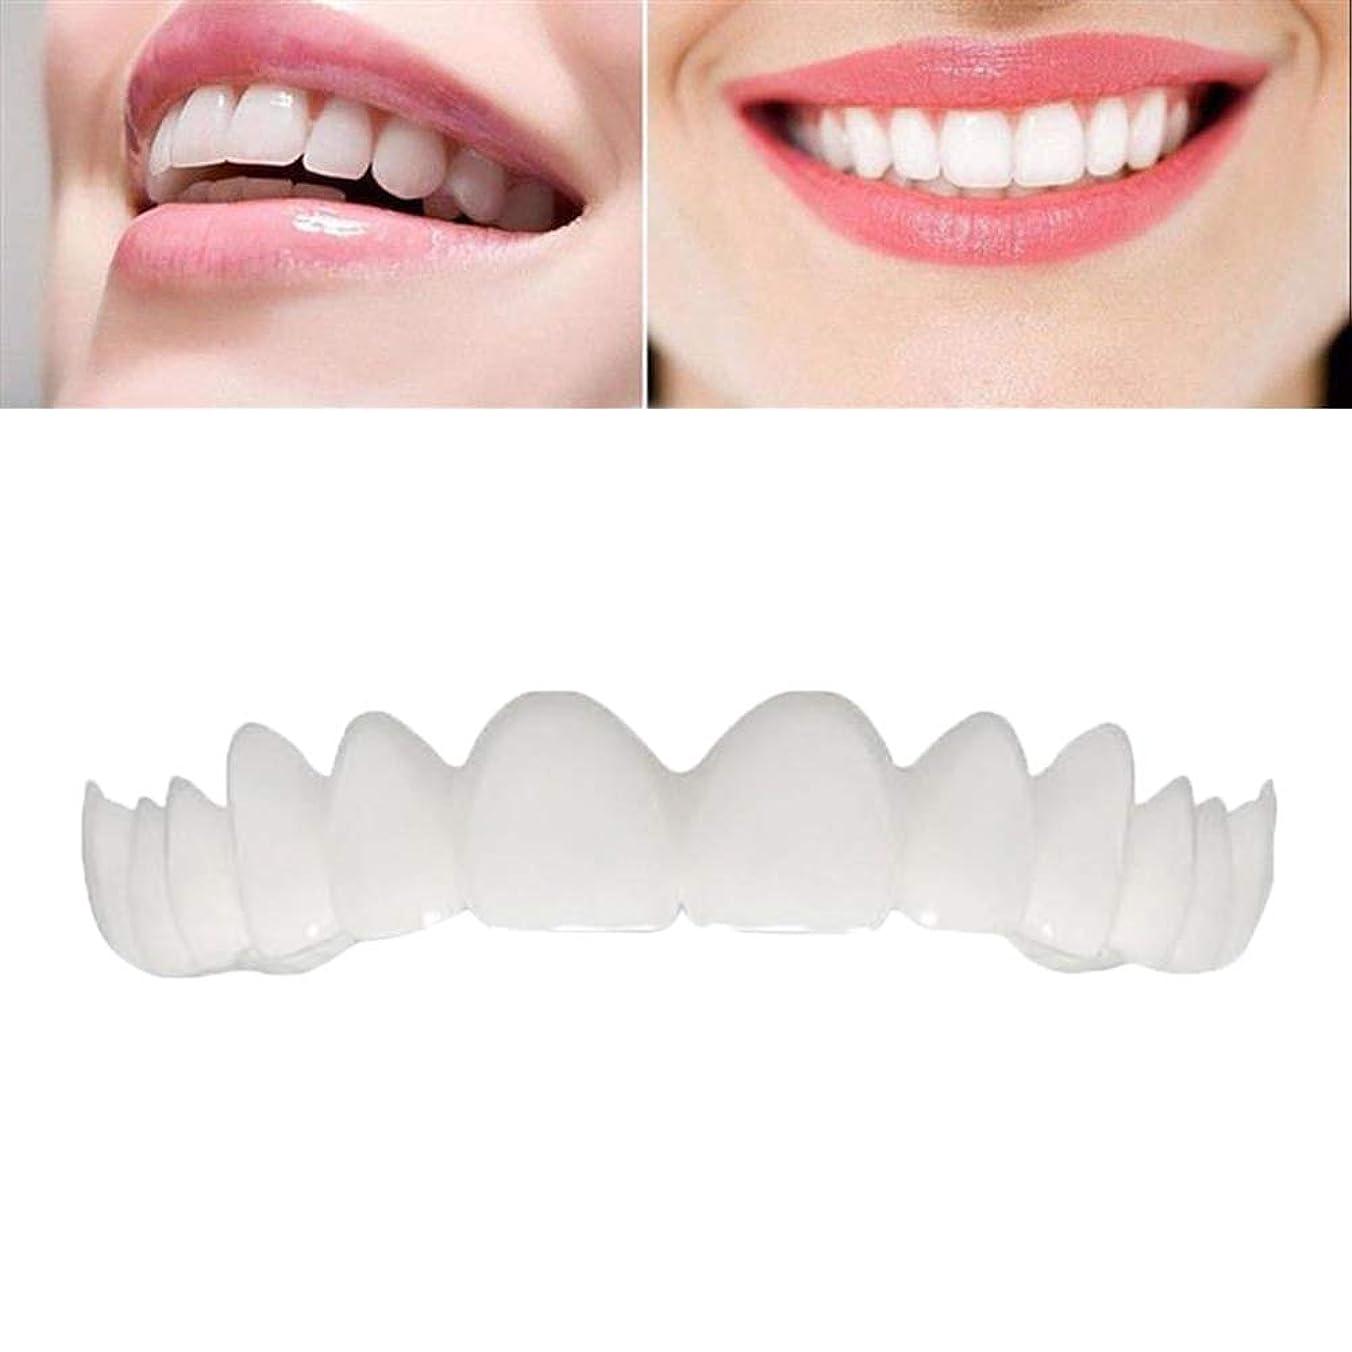 移植著作権ワゴンインスタント快適で柔らかい完璧なベニヤの歯スナップキャップを白くする一時的な化粧品歯義歯歯の化粧品シミュレーション上袖/下括弧の3枚,Lowerteeth3pcs